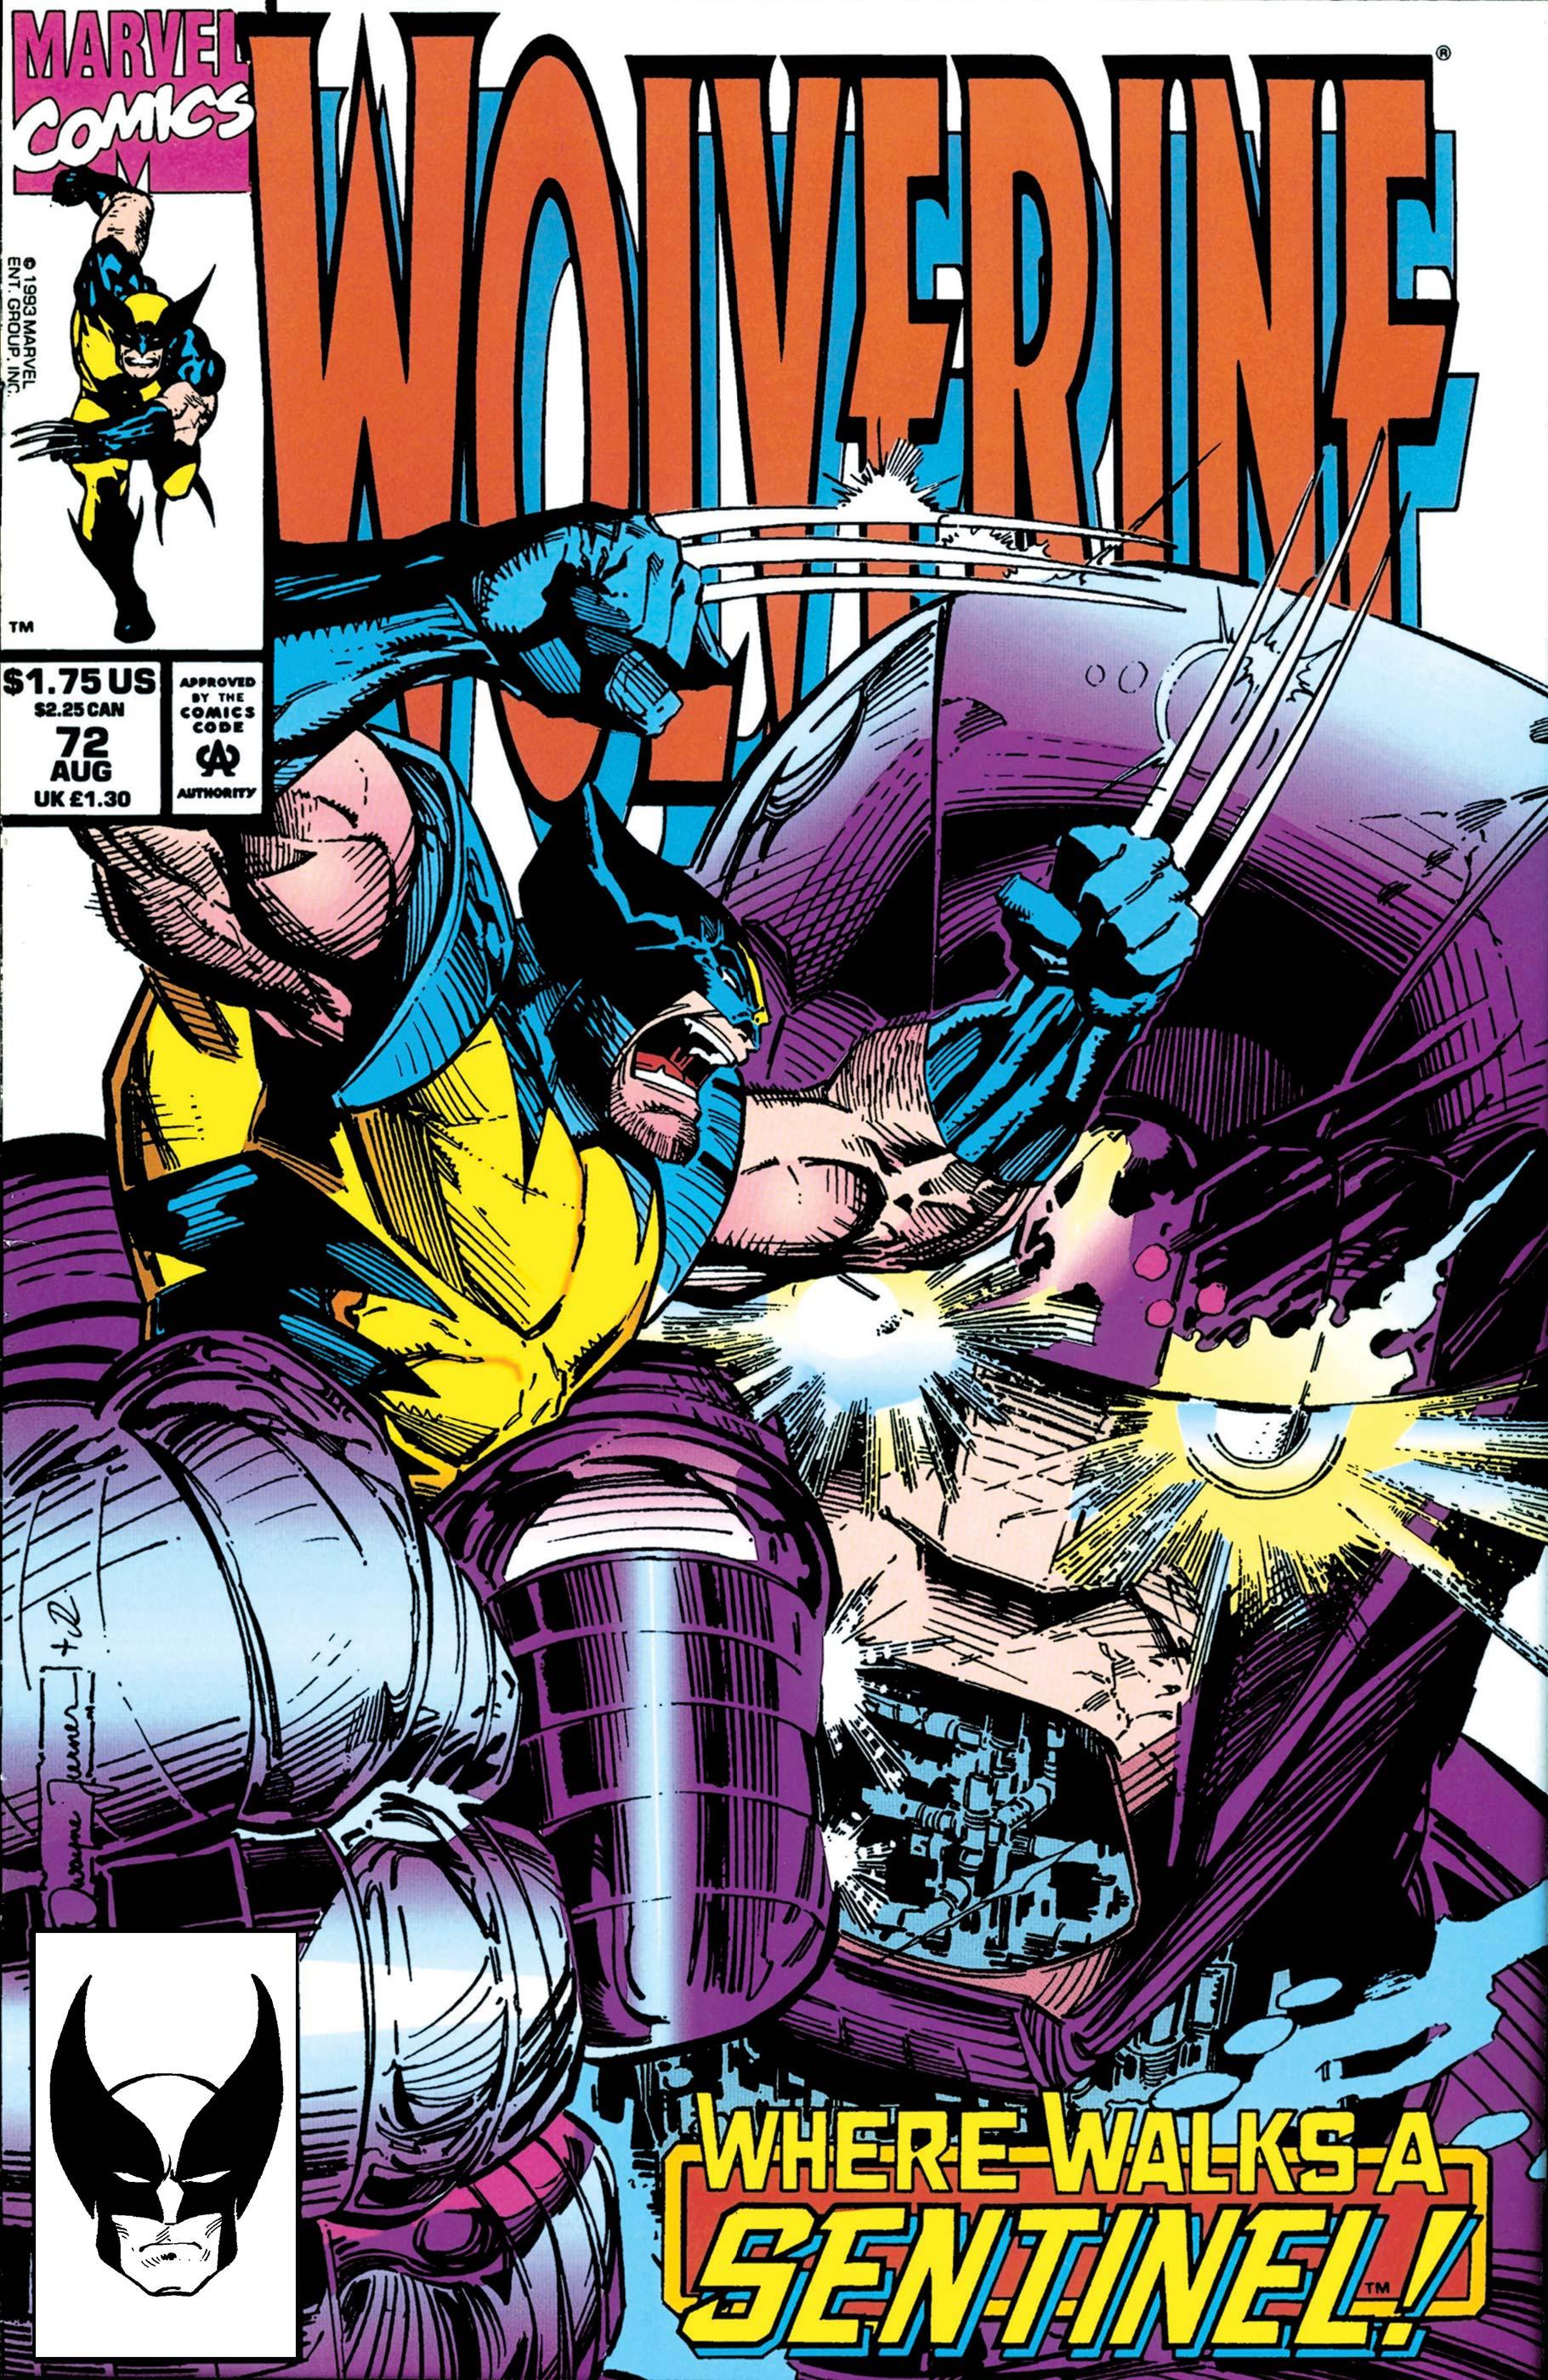 Wolverine (1988) #72